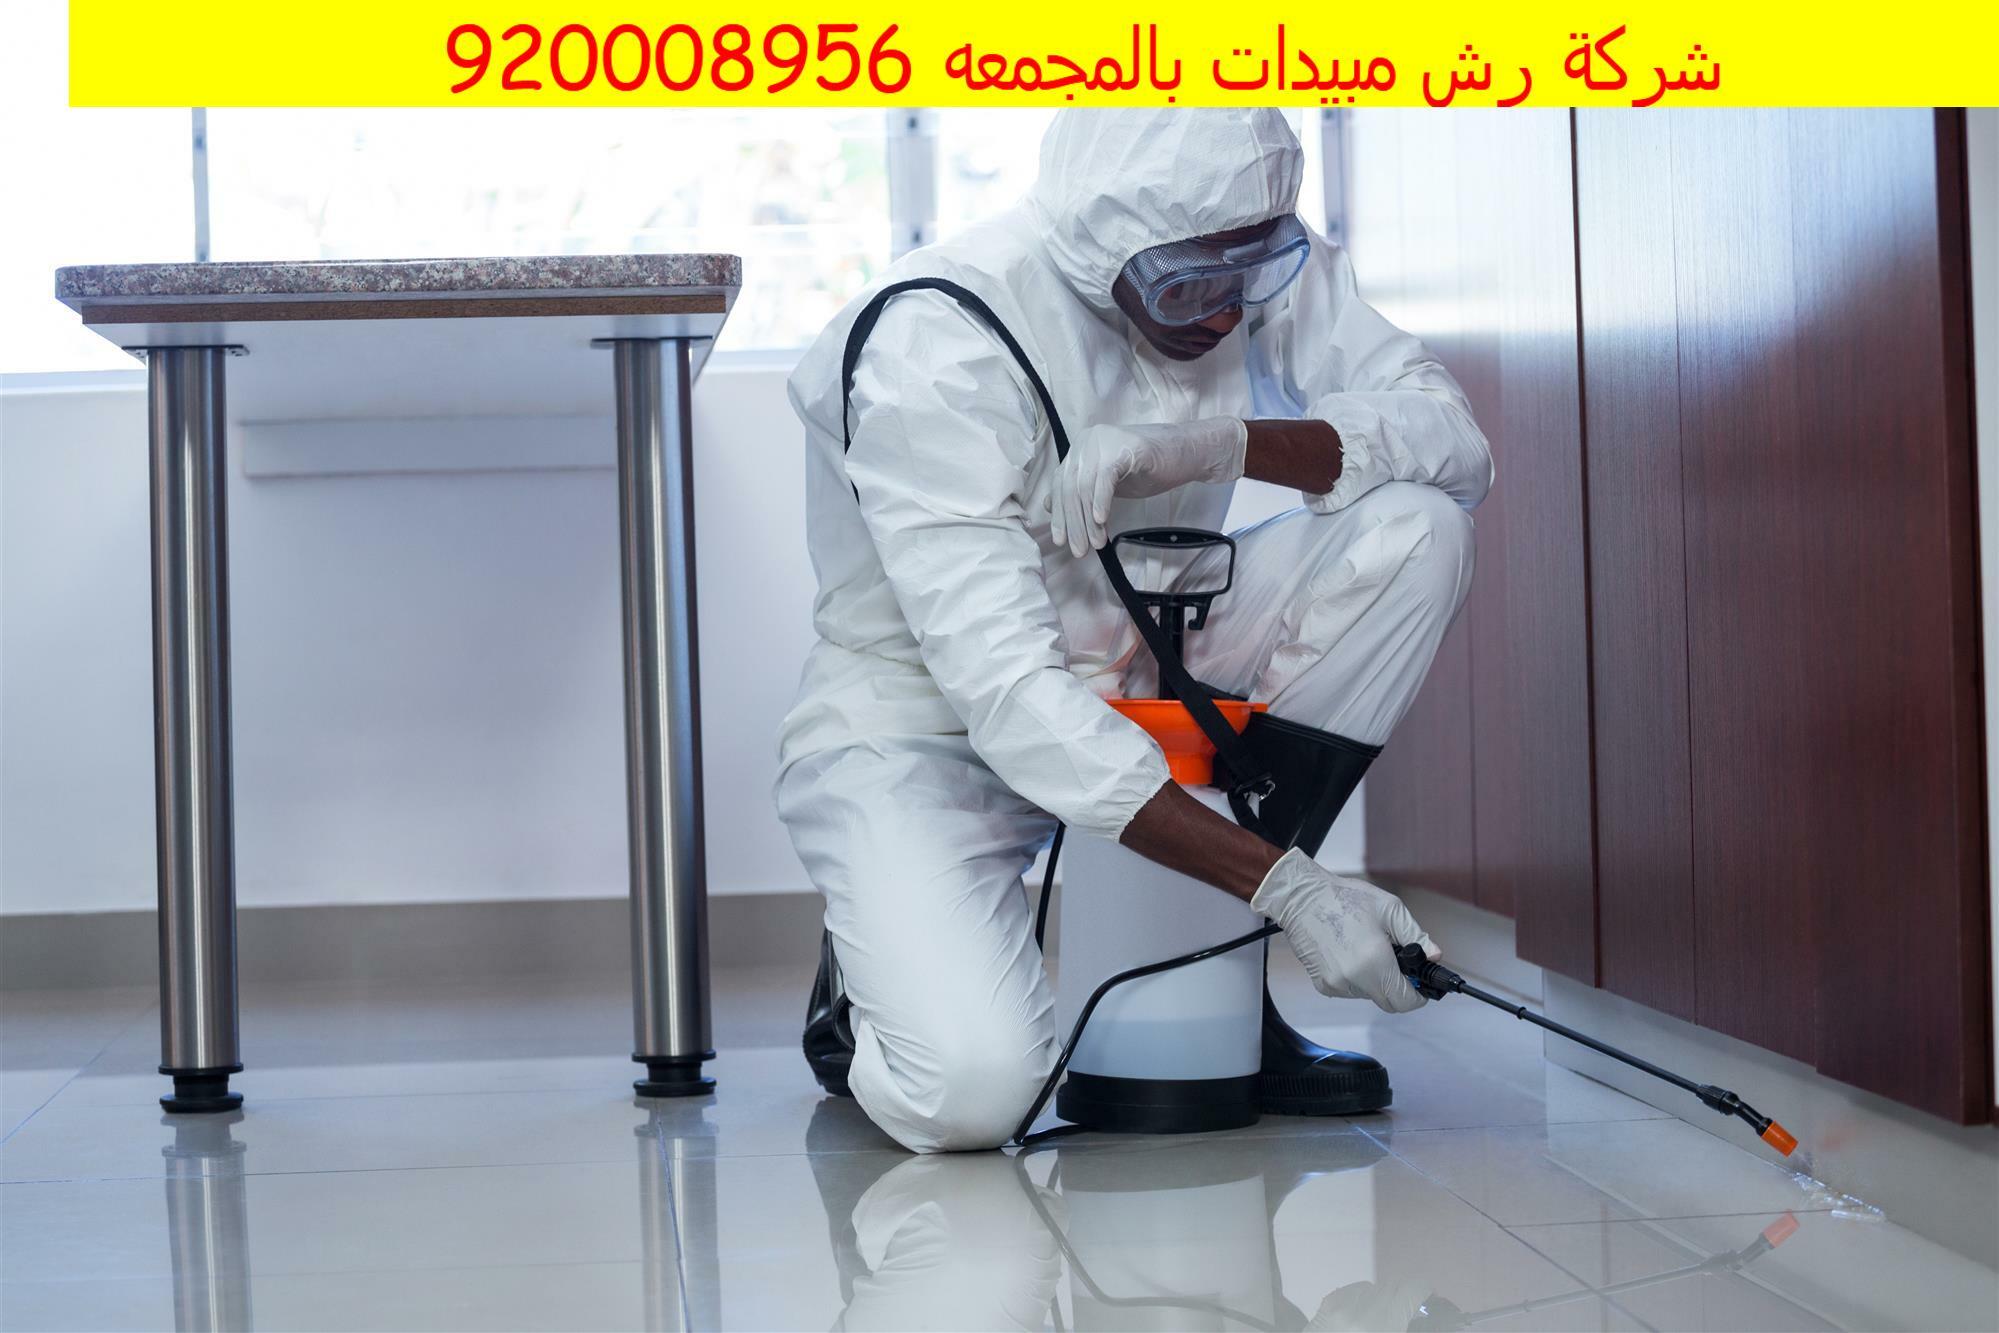 شركة رش مبيدات بالمجمعه 920008956